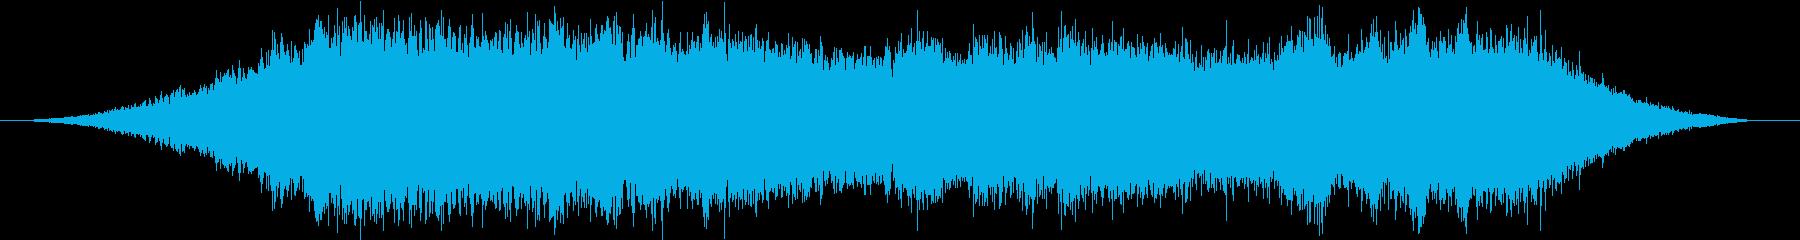 【環境音】真夏の蝉の鳴き声〜お昼〜の再生済みの波形